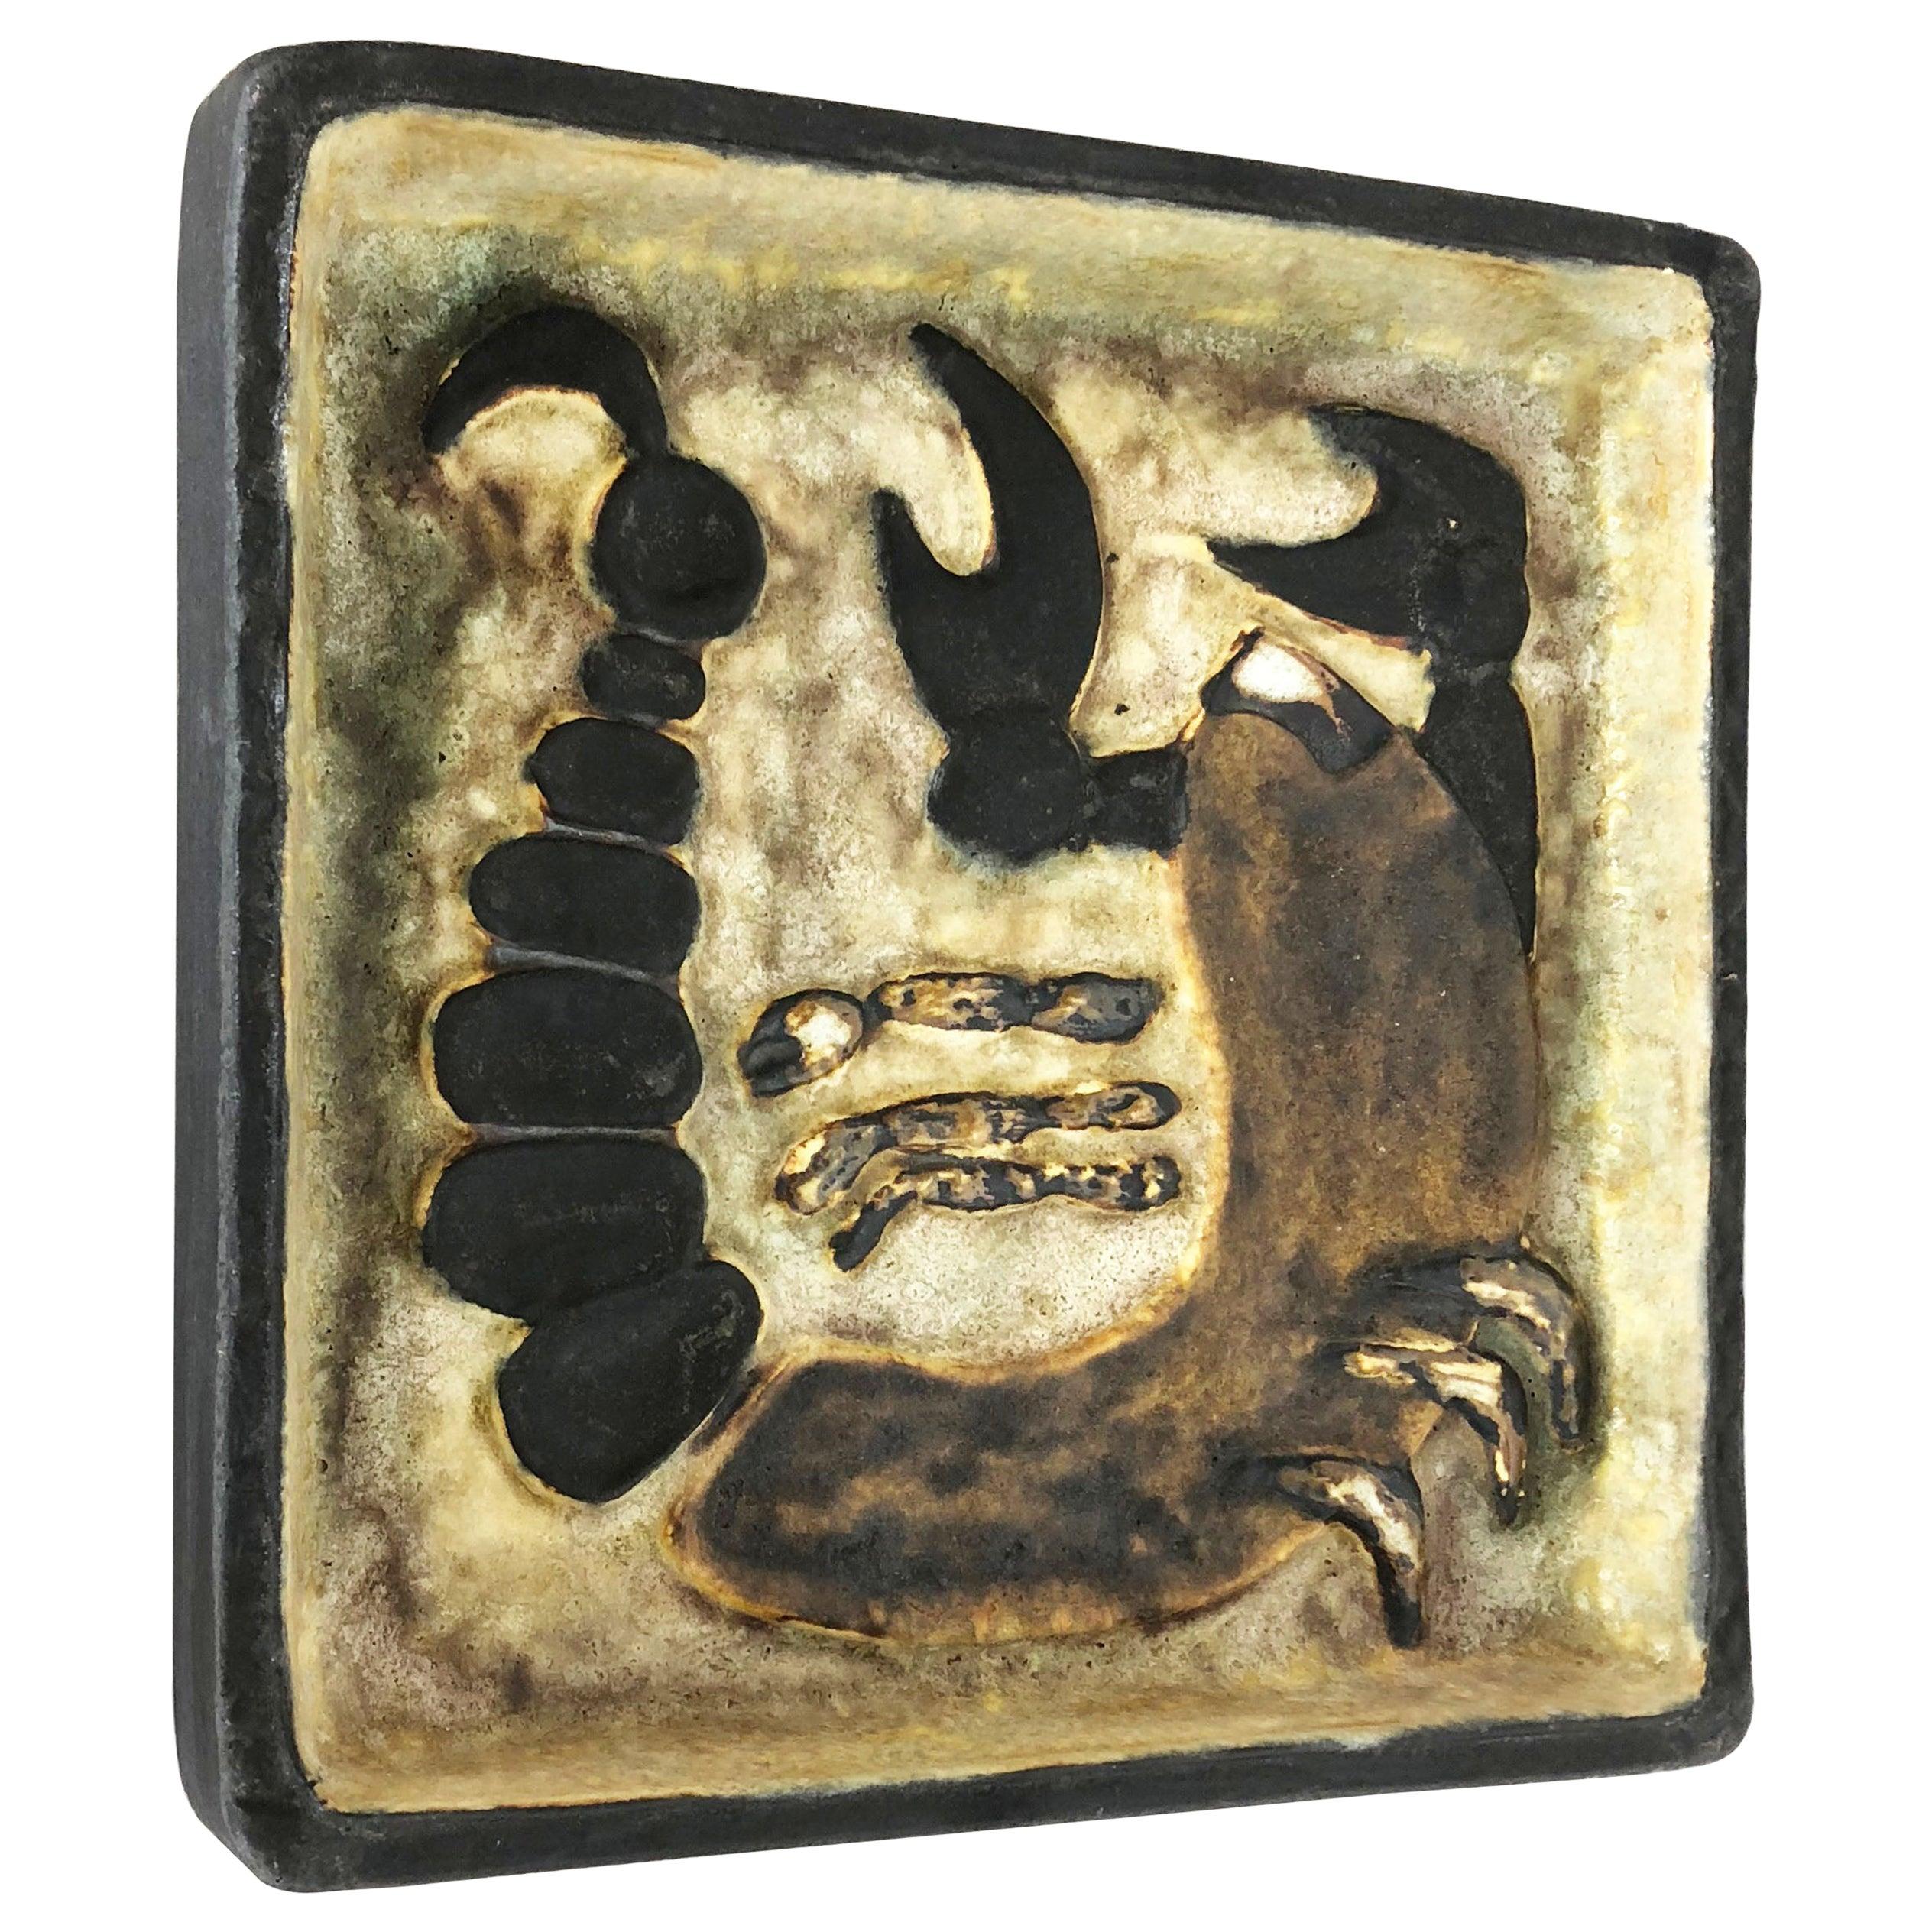 """West German Ceramic Wall Plate """"Scorpion"""" Object by Helmut Schäffenacker, 1960s"""